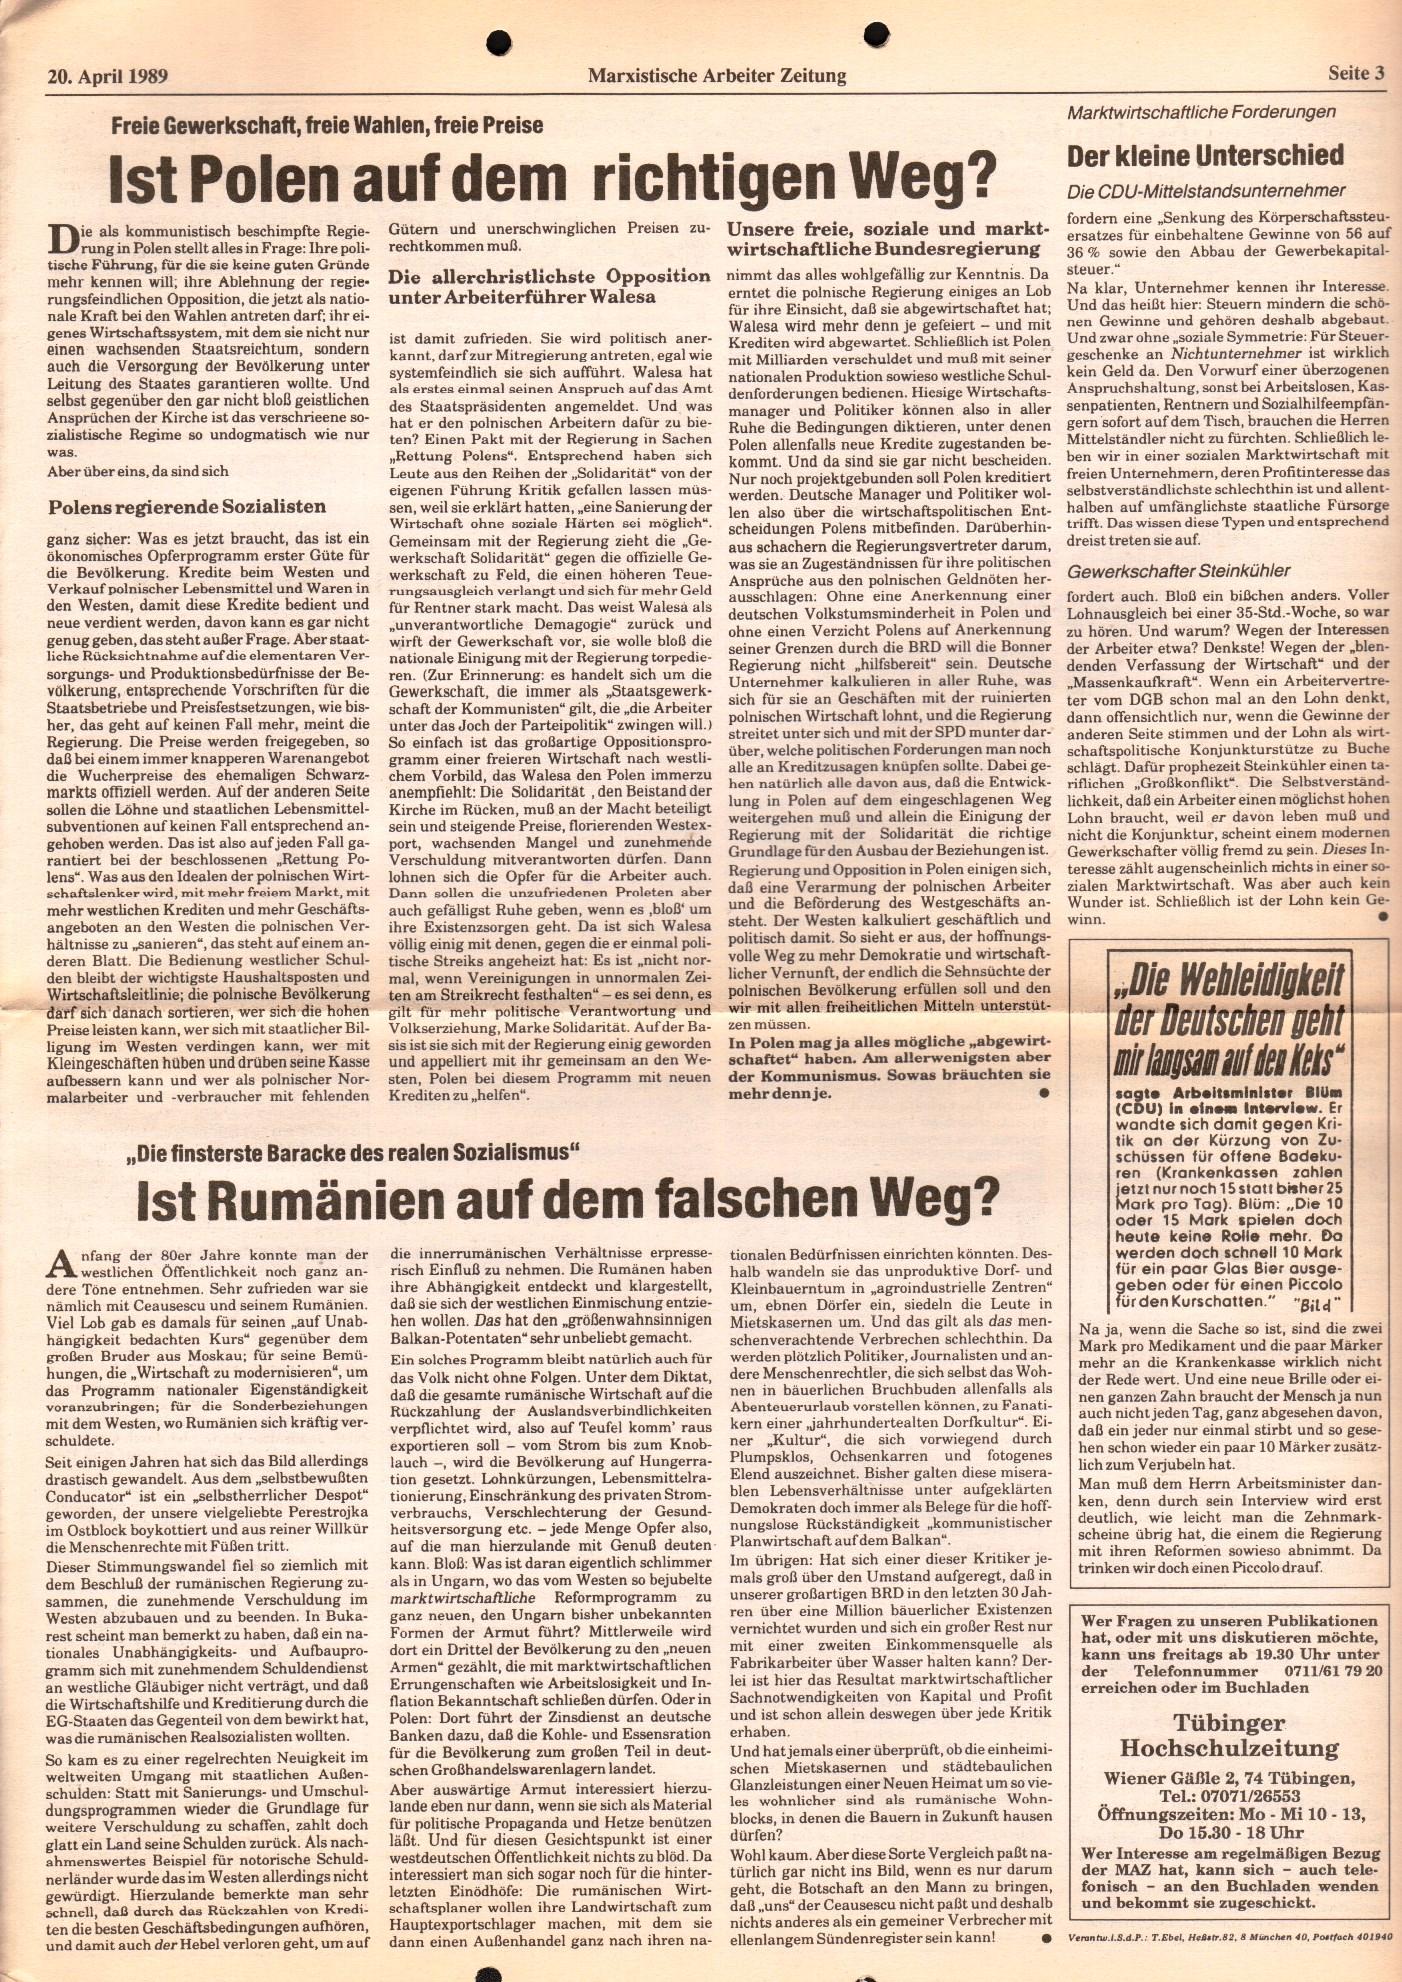 BW_MG_Marxistische_Arbeiterzeitung_19890420_03